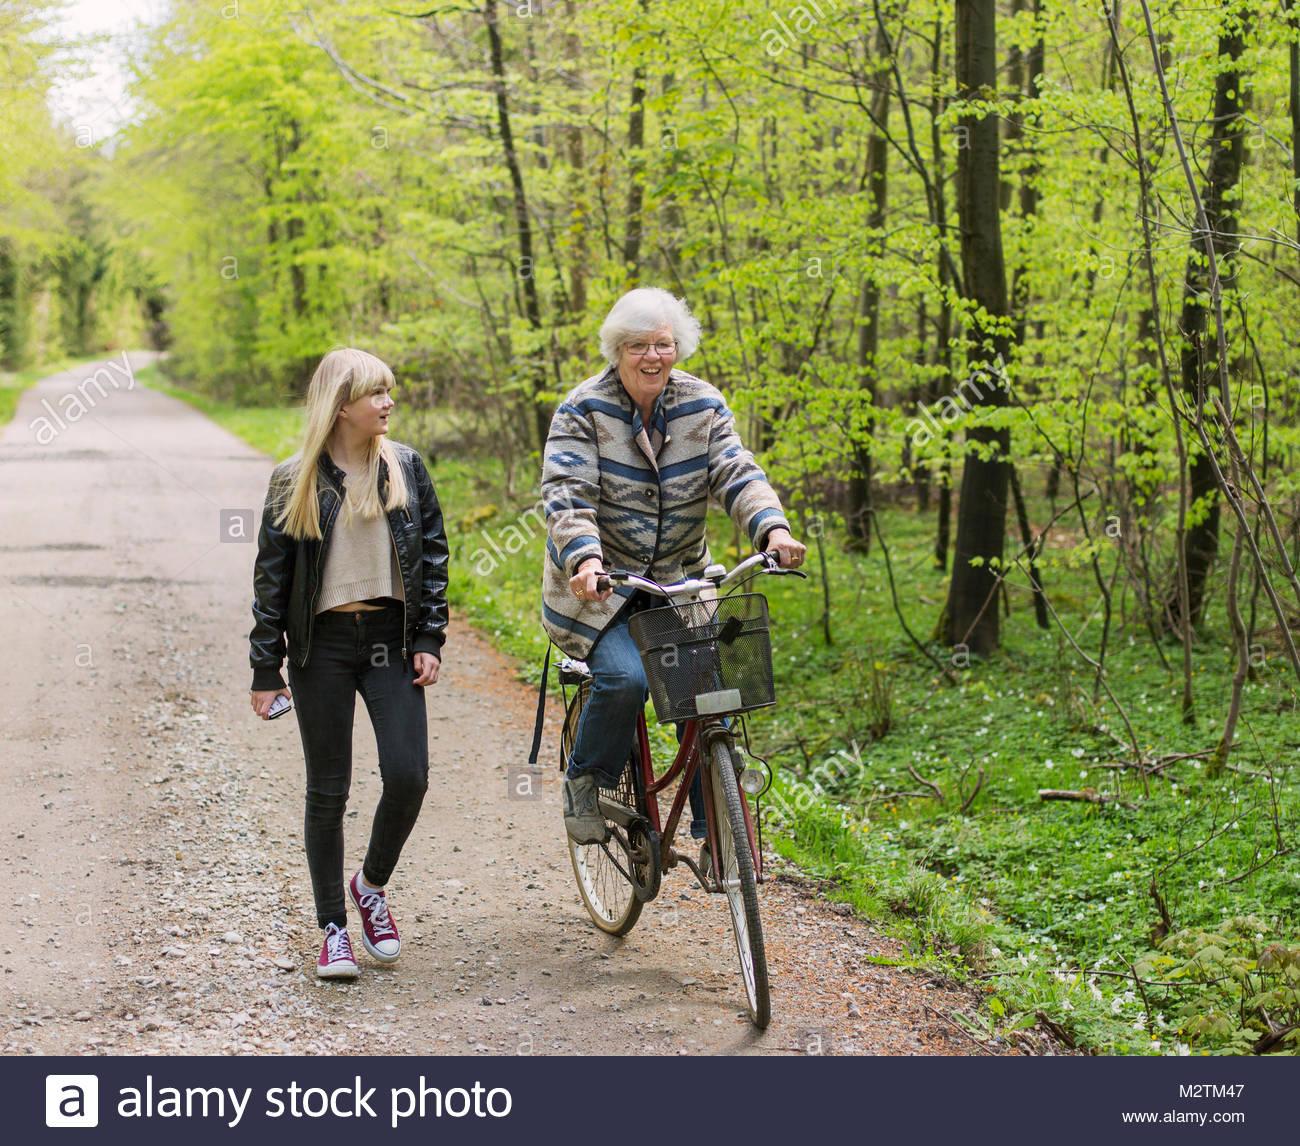 Abuela y nieta con bicicleta de carretera del bosque Imagen De Stock